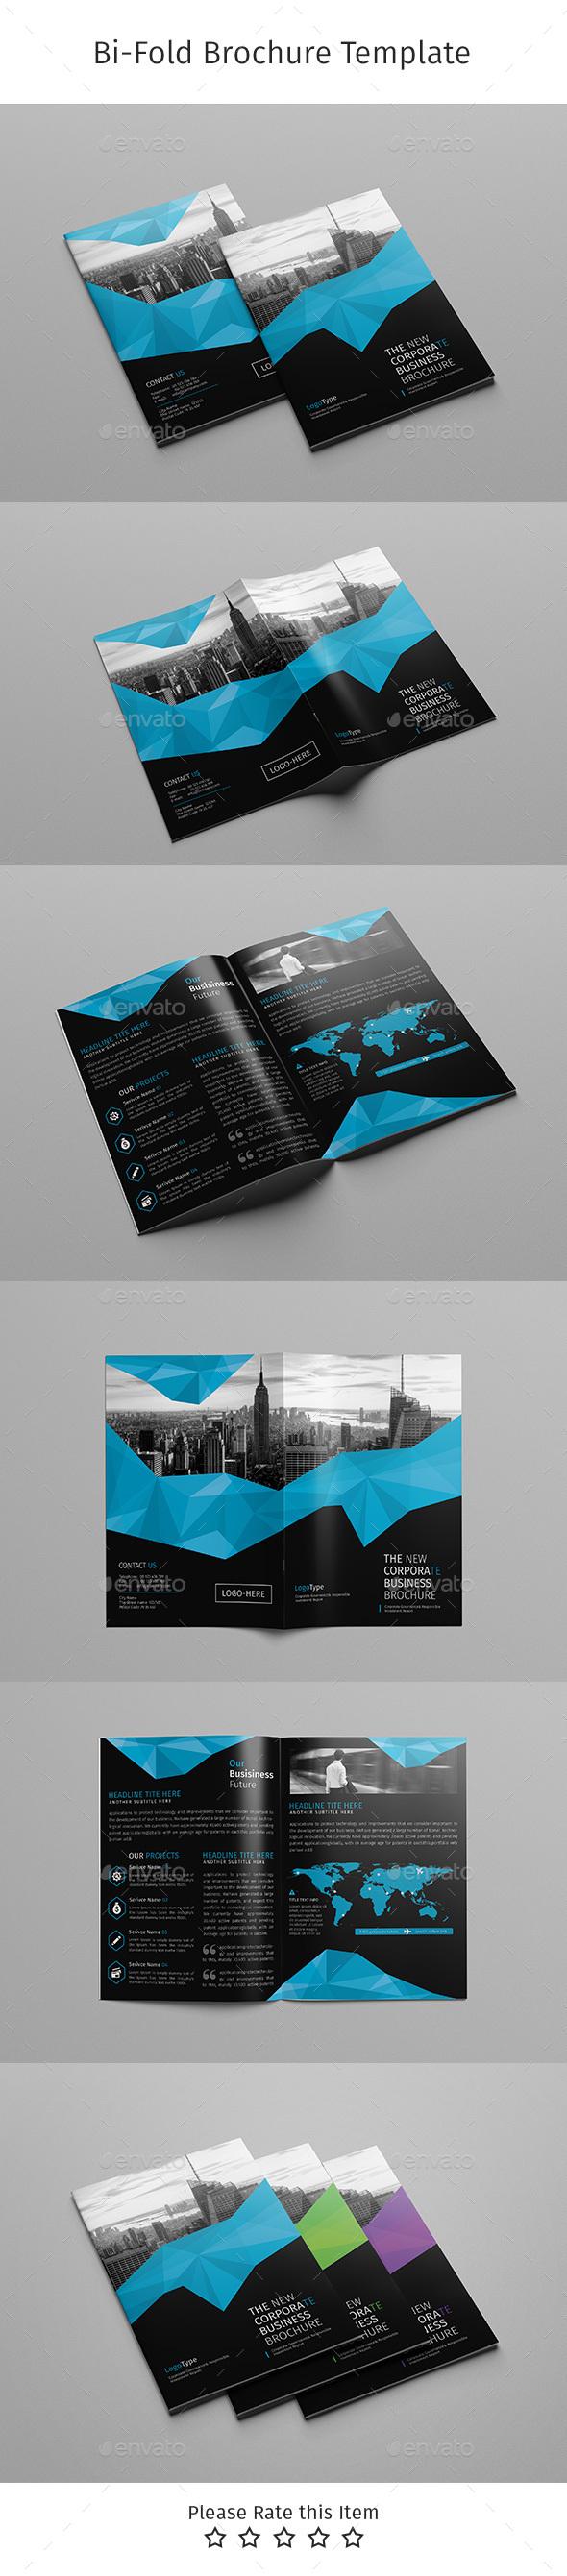 Corporate Bi-fold Brochure-Multipurpose 08 - Corporate Brochures